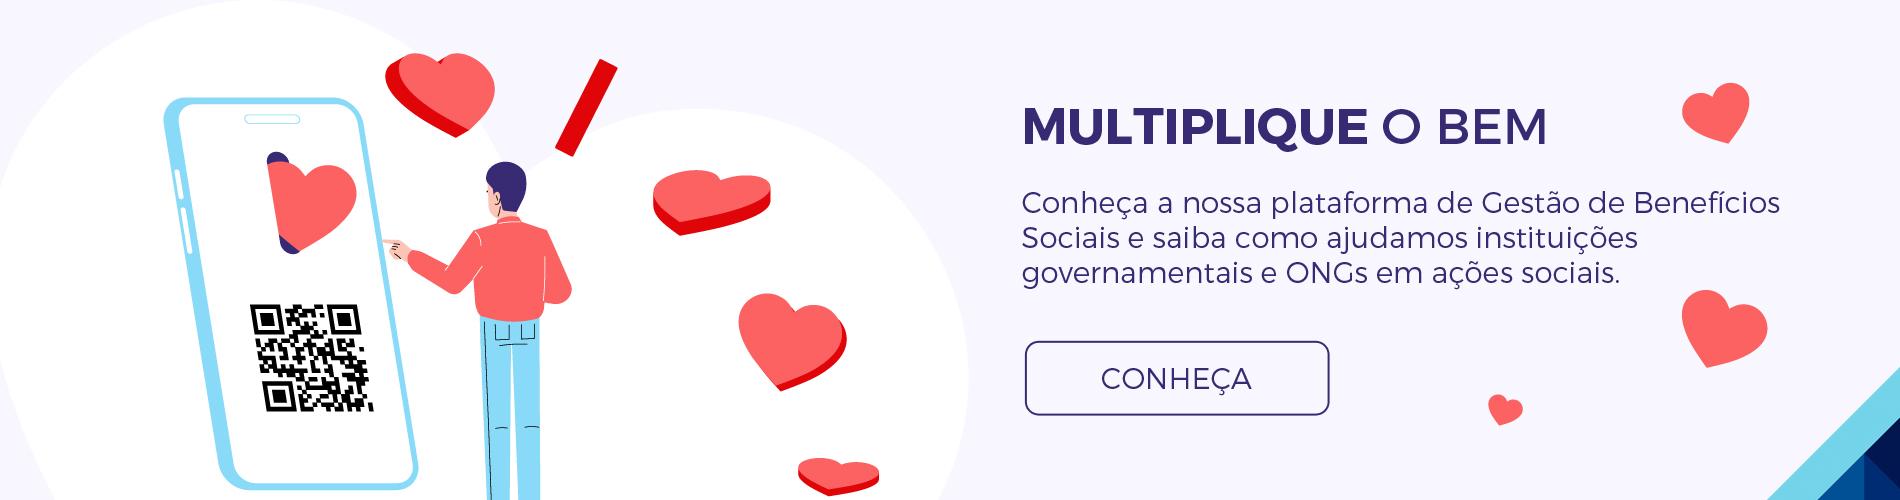 Plataforma Gestão de Benefícios Sociais